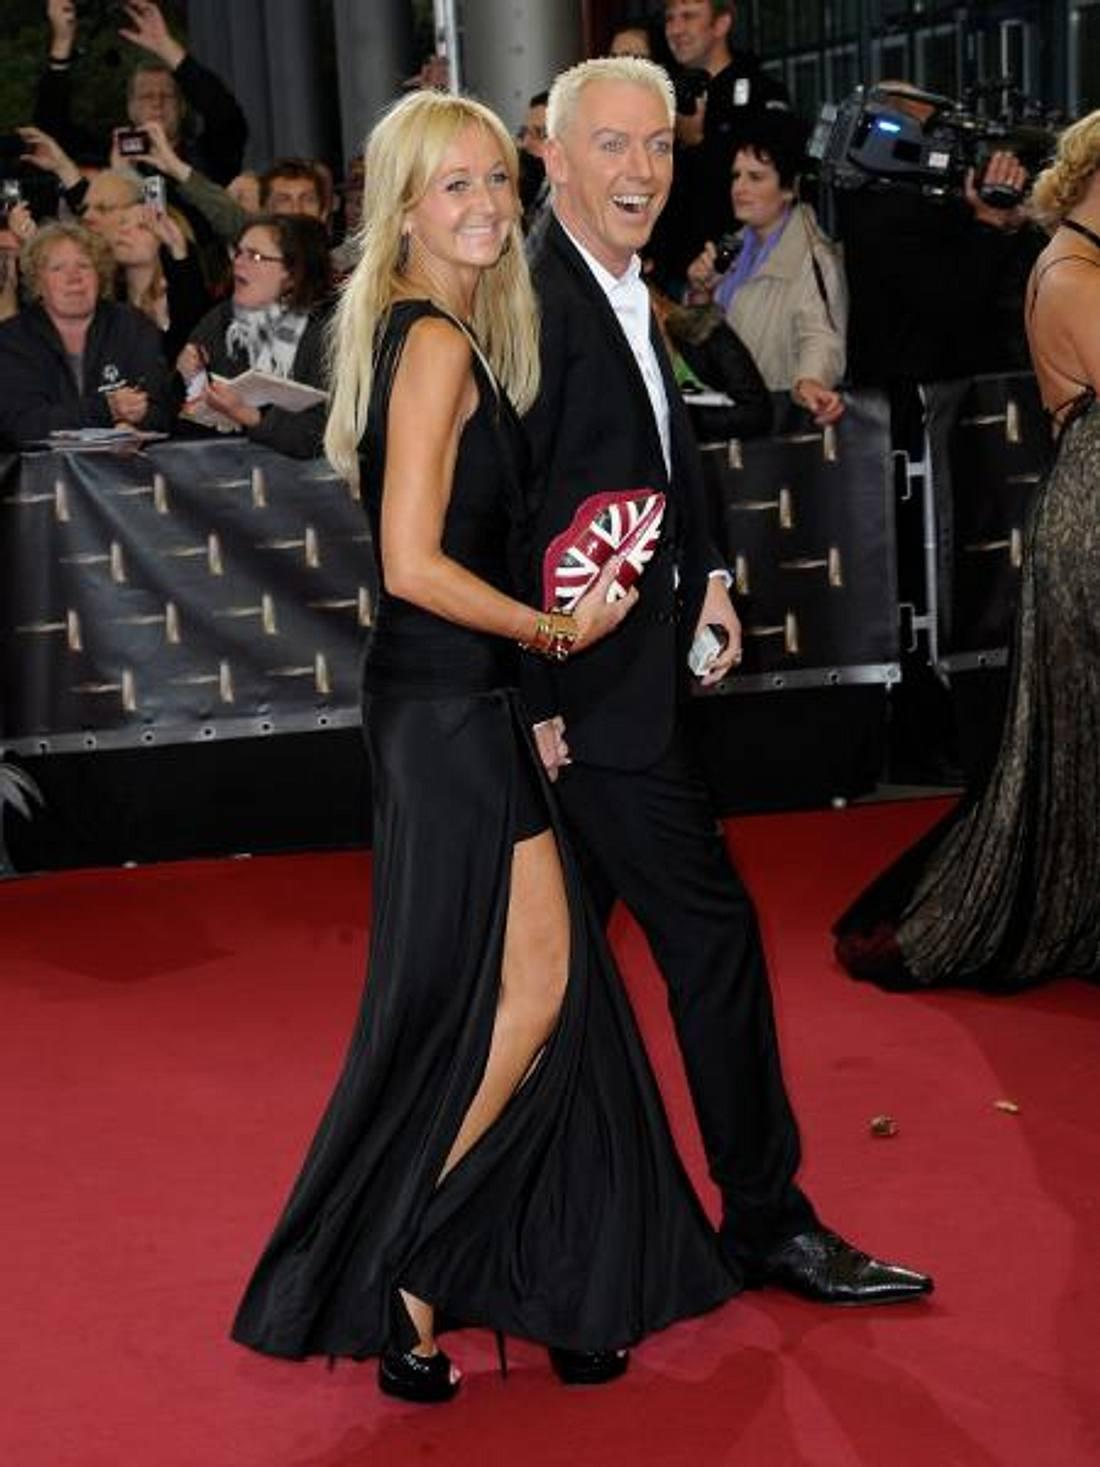 Deutscher Fernsehpreis 2012 - Die HighlightsH.P. Baxxter (46) führte seine neue Freundin Nikola Jansco (44) über den roten Teppich.